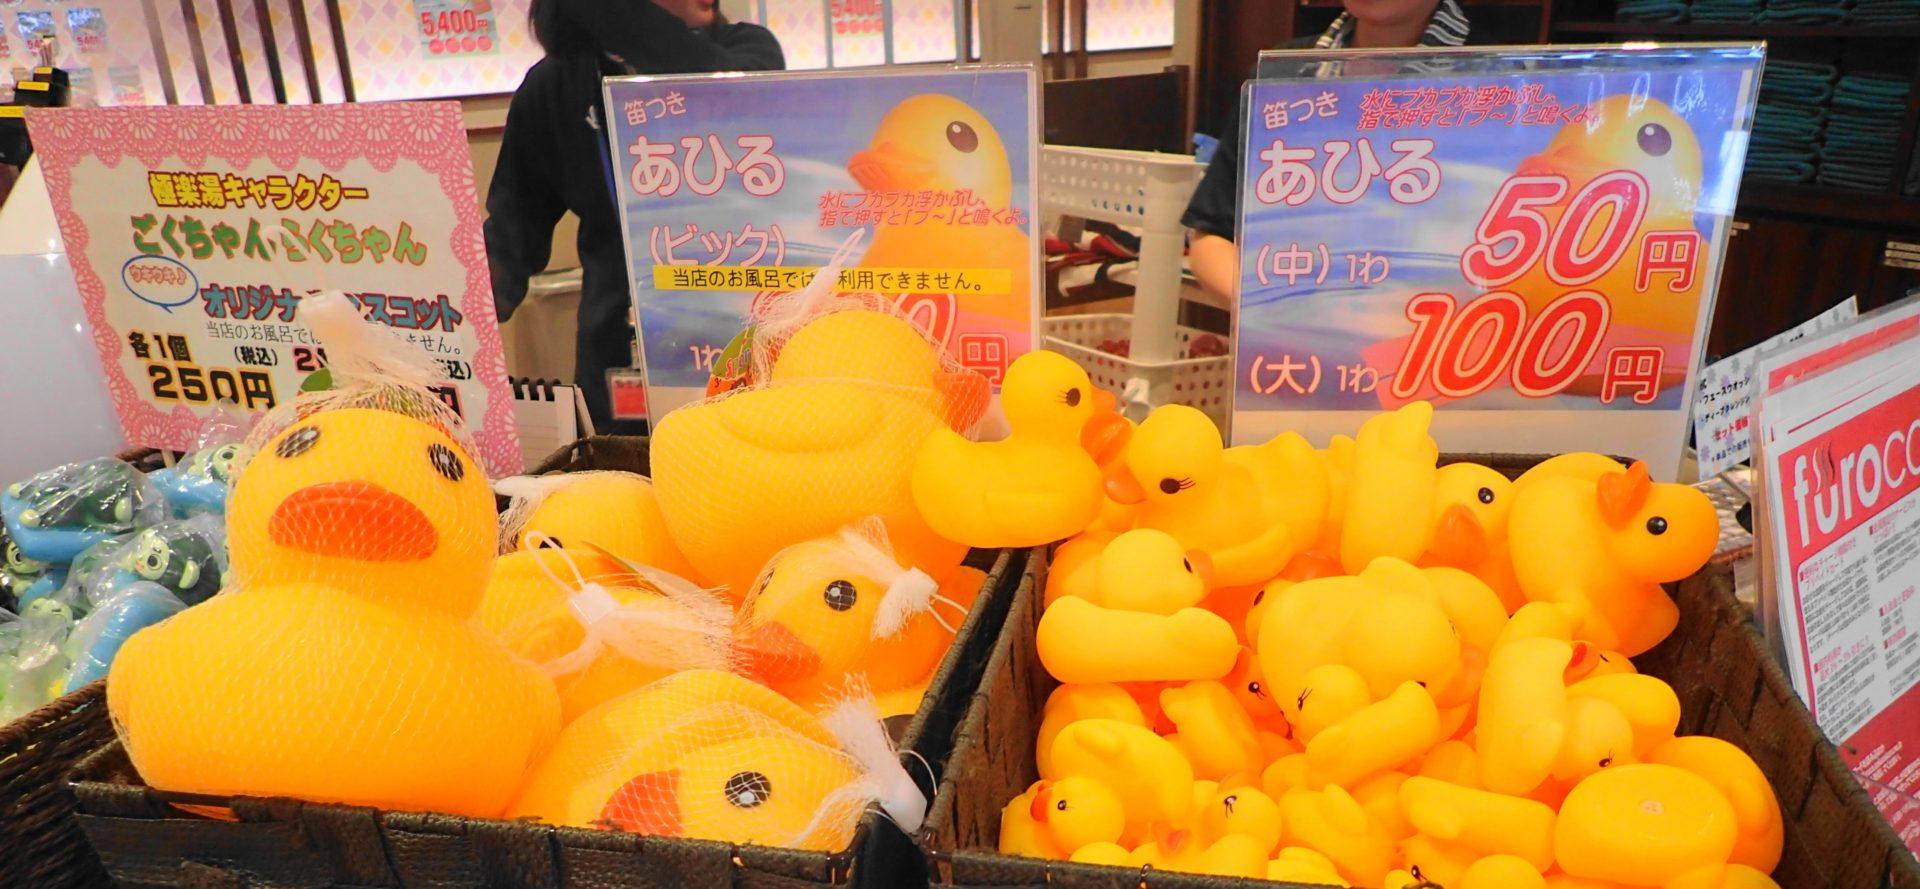 極楽湯 水戸 | 店舗数日本一の風呂でのんびり【クーポン情報あり!!】